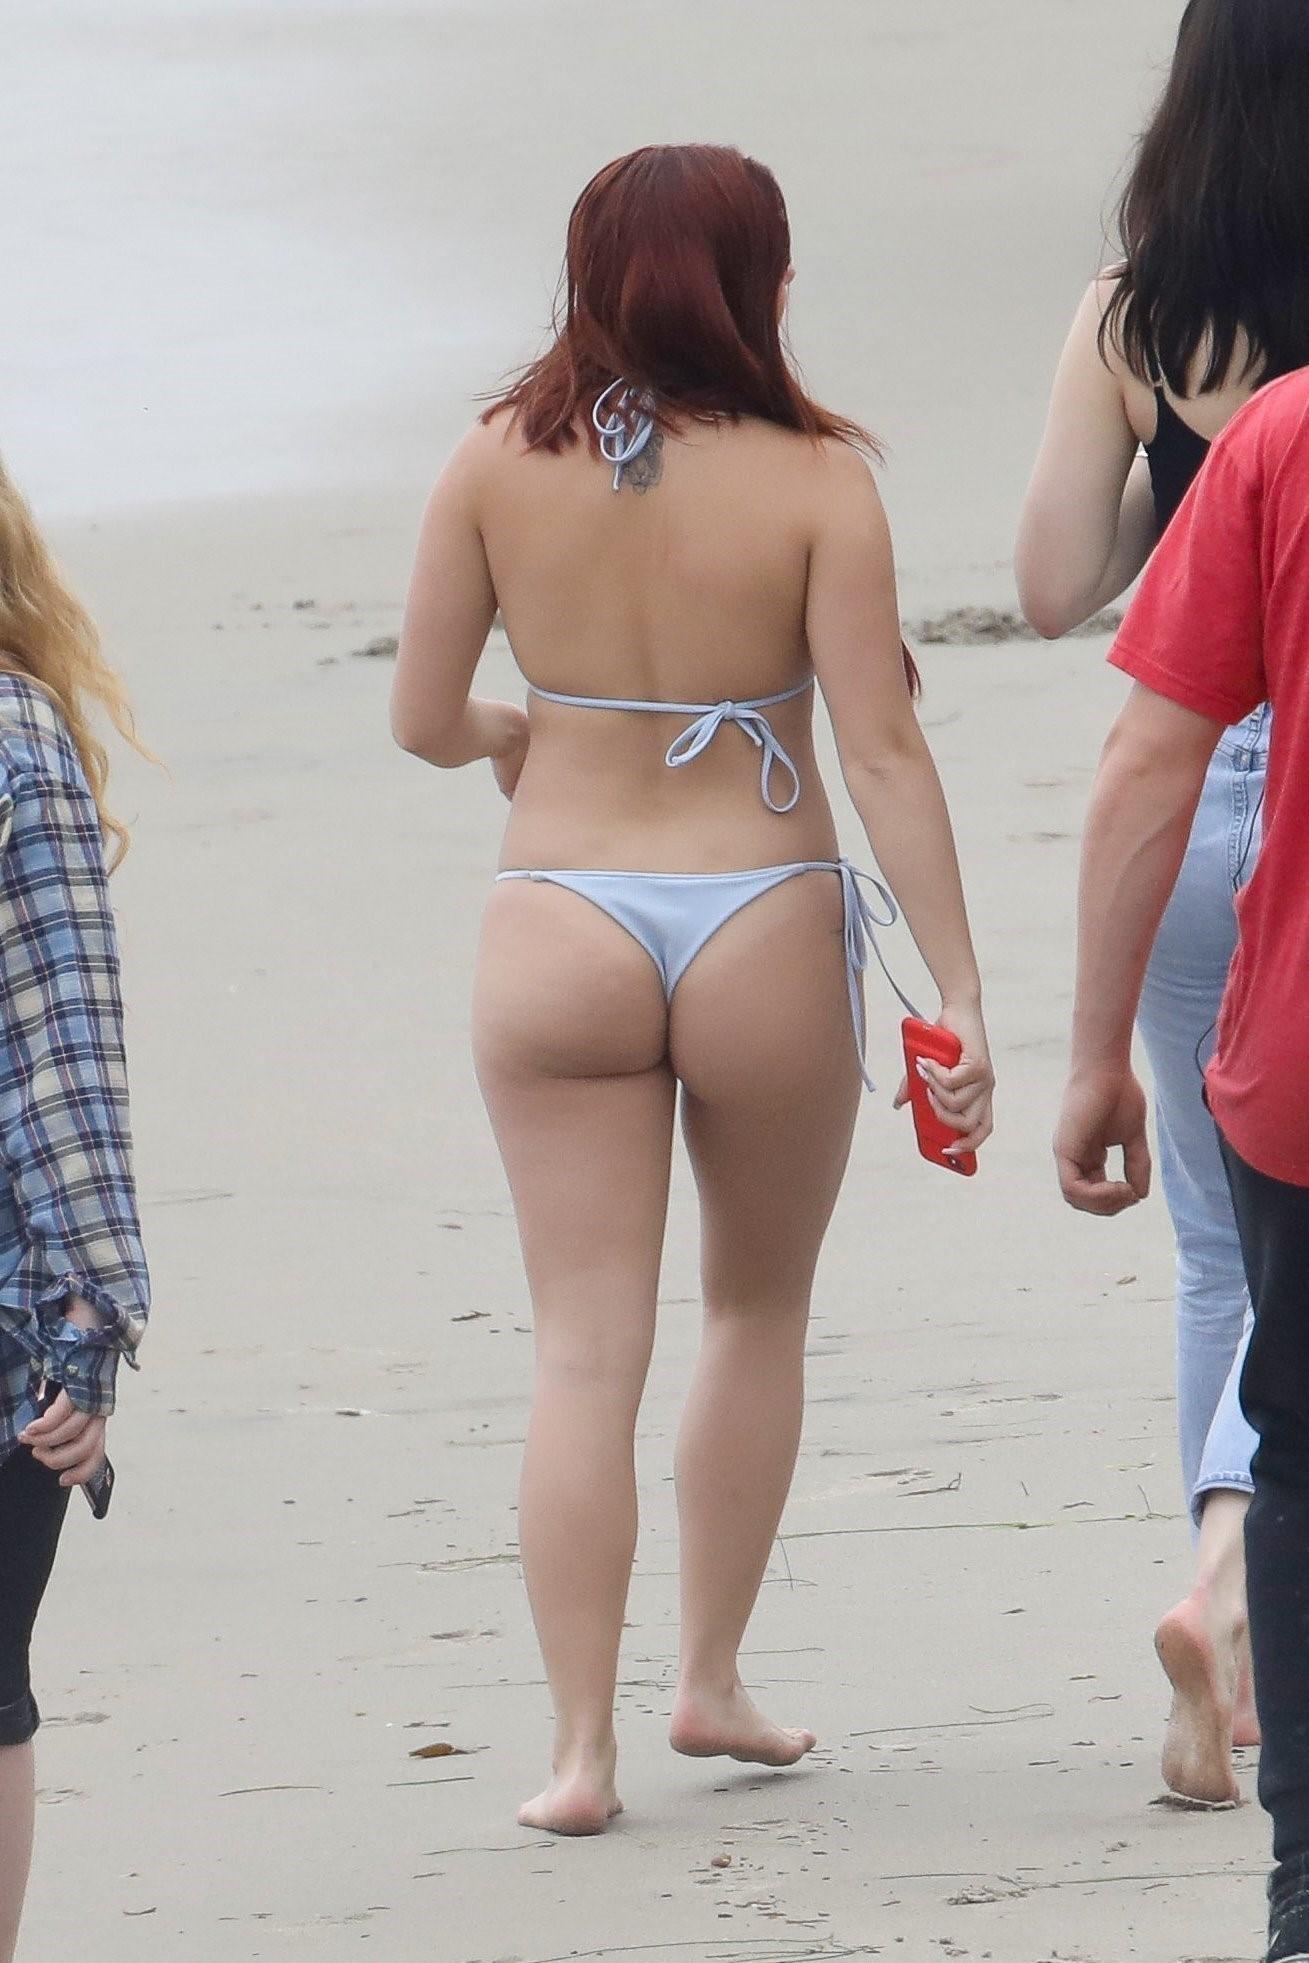 Ariel winter bikini nude